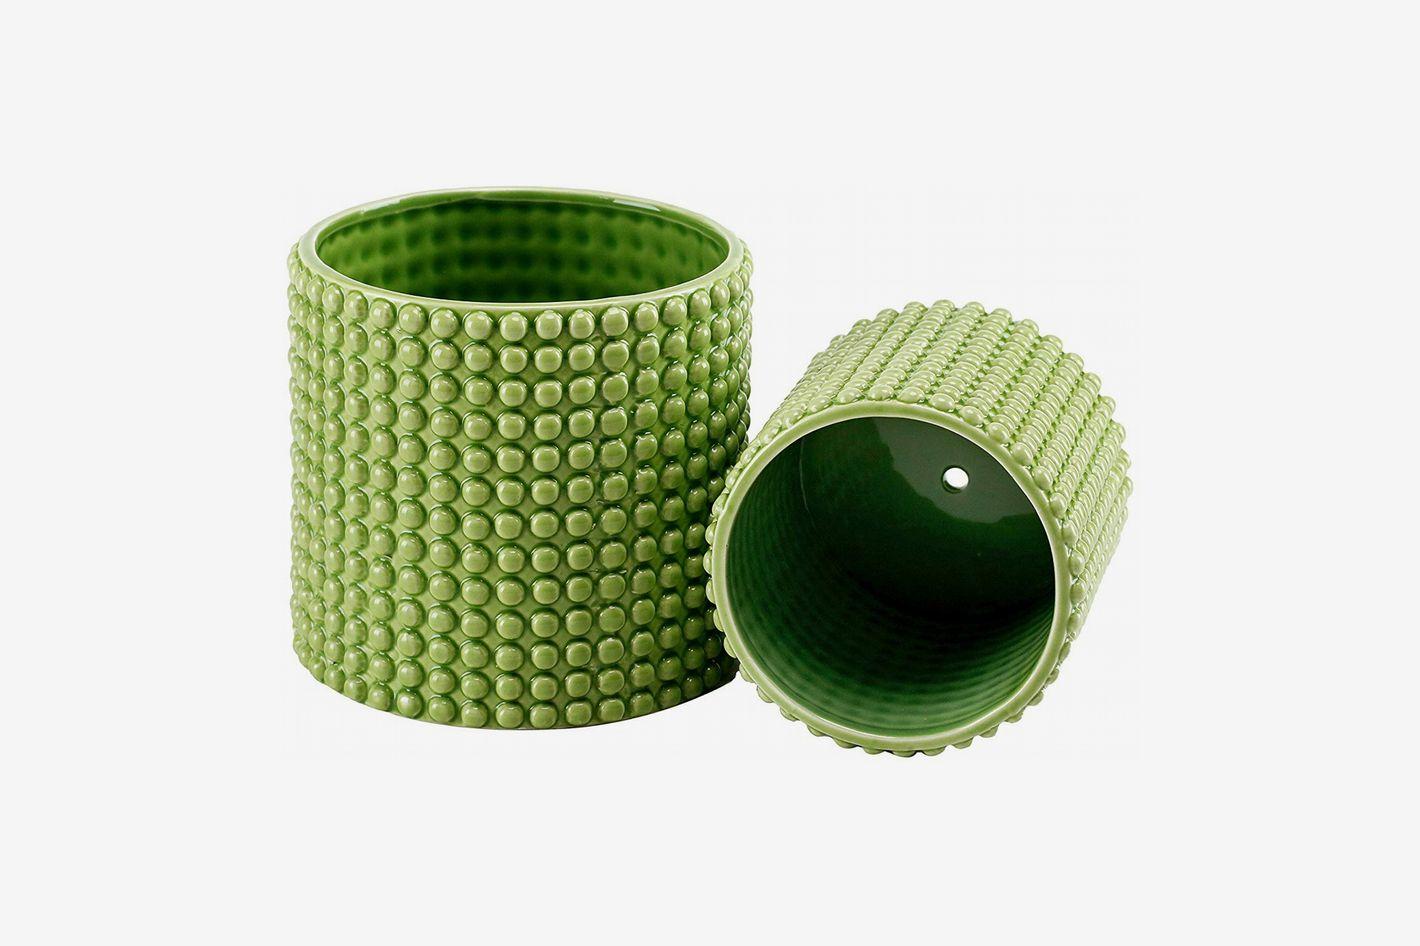 Pistachio Green Ceramic Textured Planters (Set of 2)